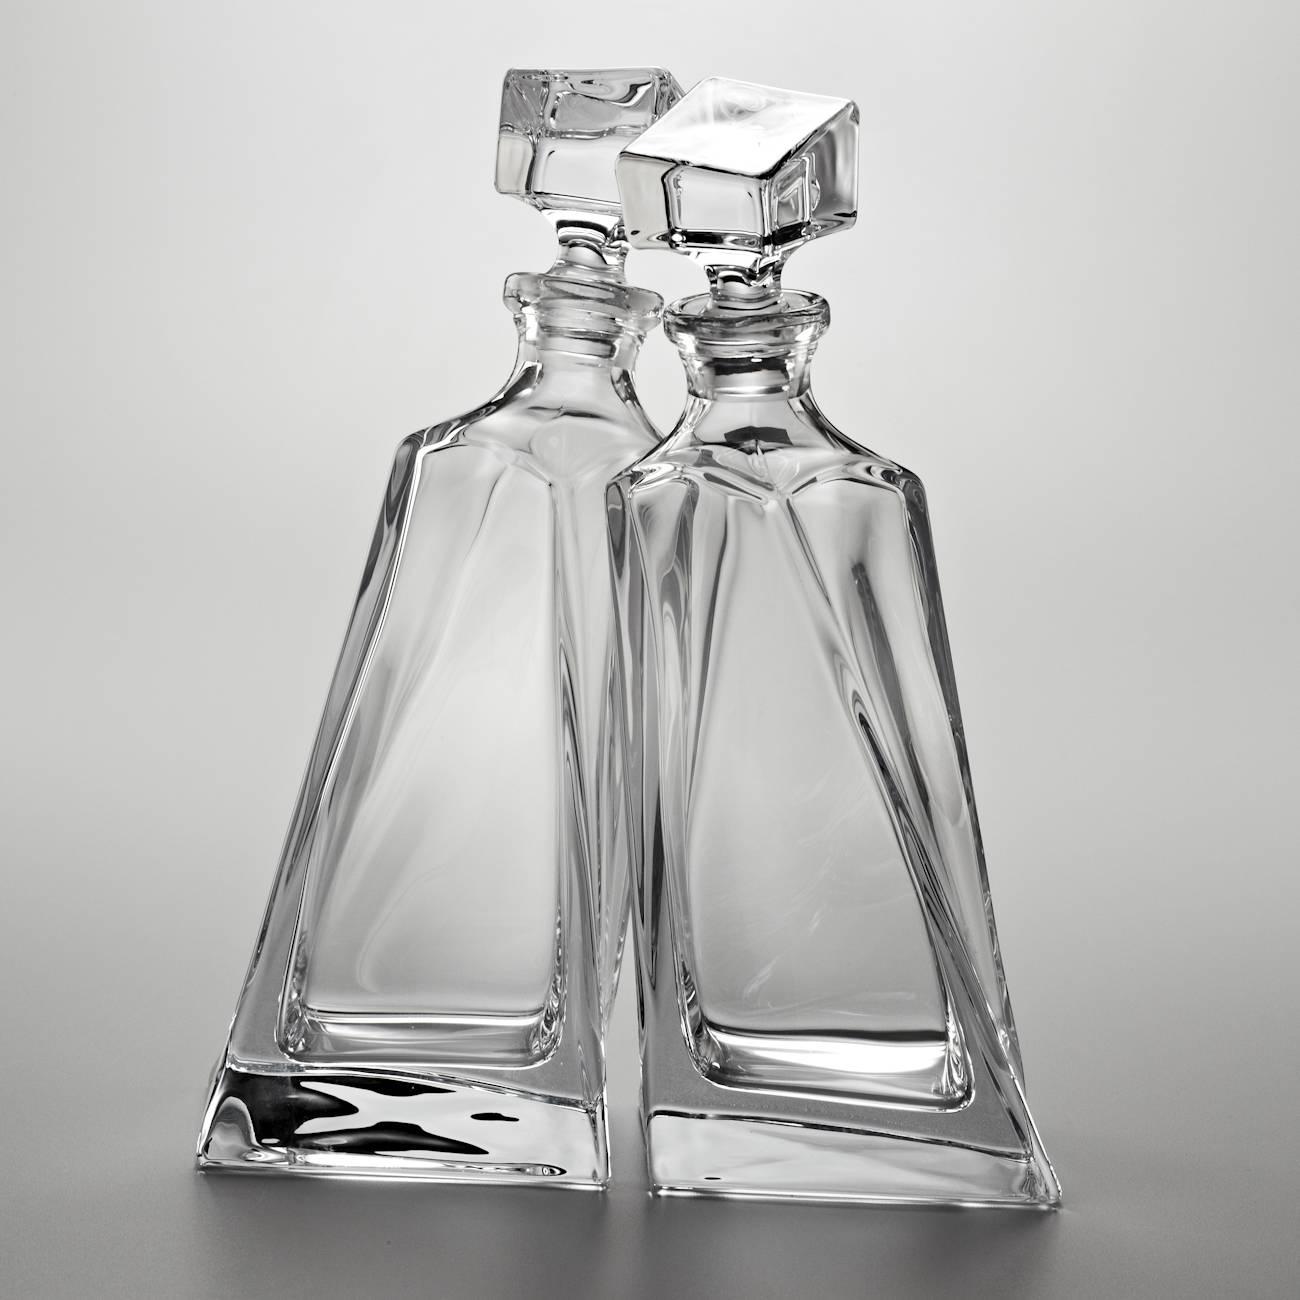 Conjunto de Garrafas Lover - 2 peças - 600 ml - em Cristal - Bohemia Crystalite